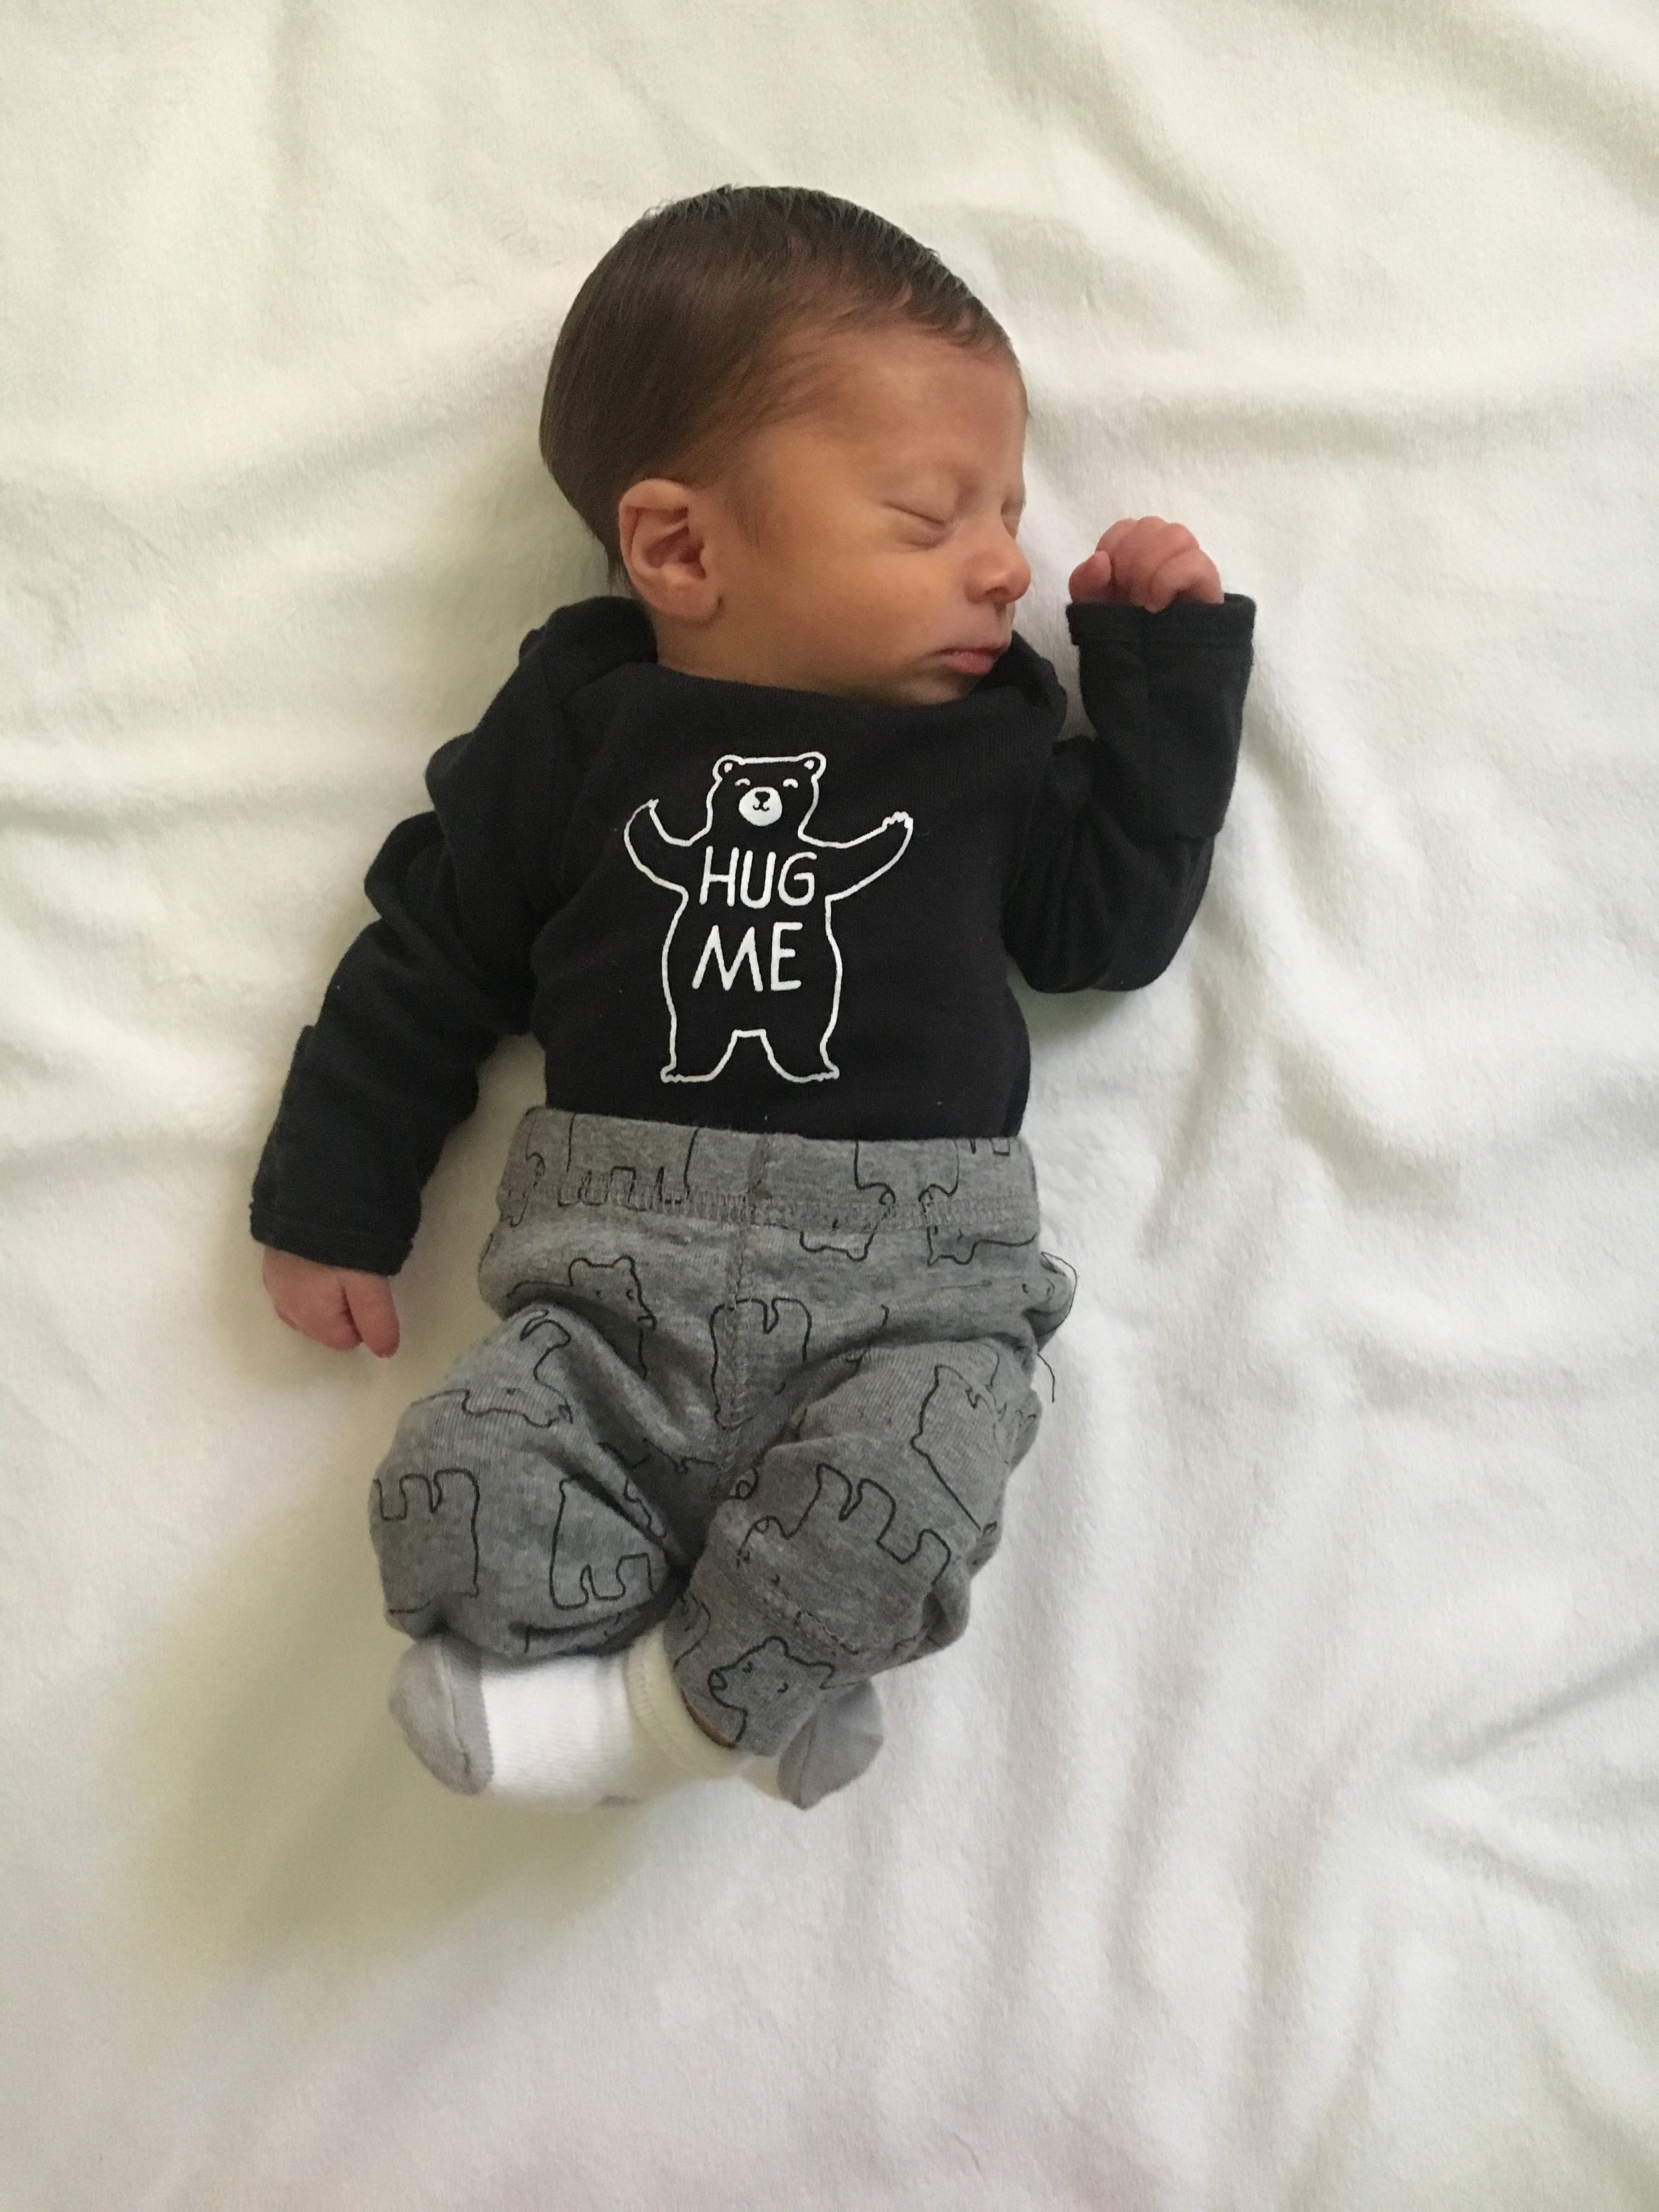 Baby Dominic